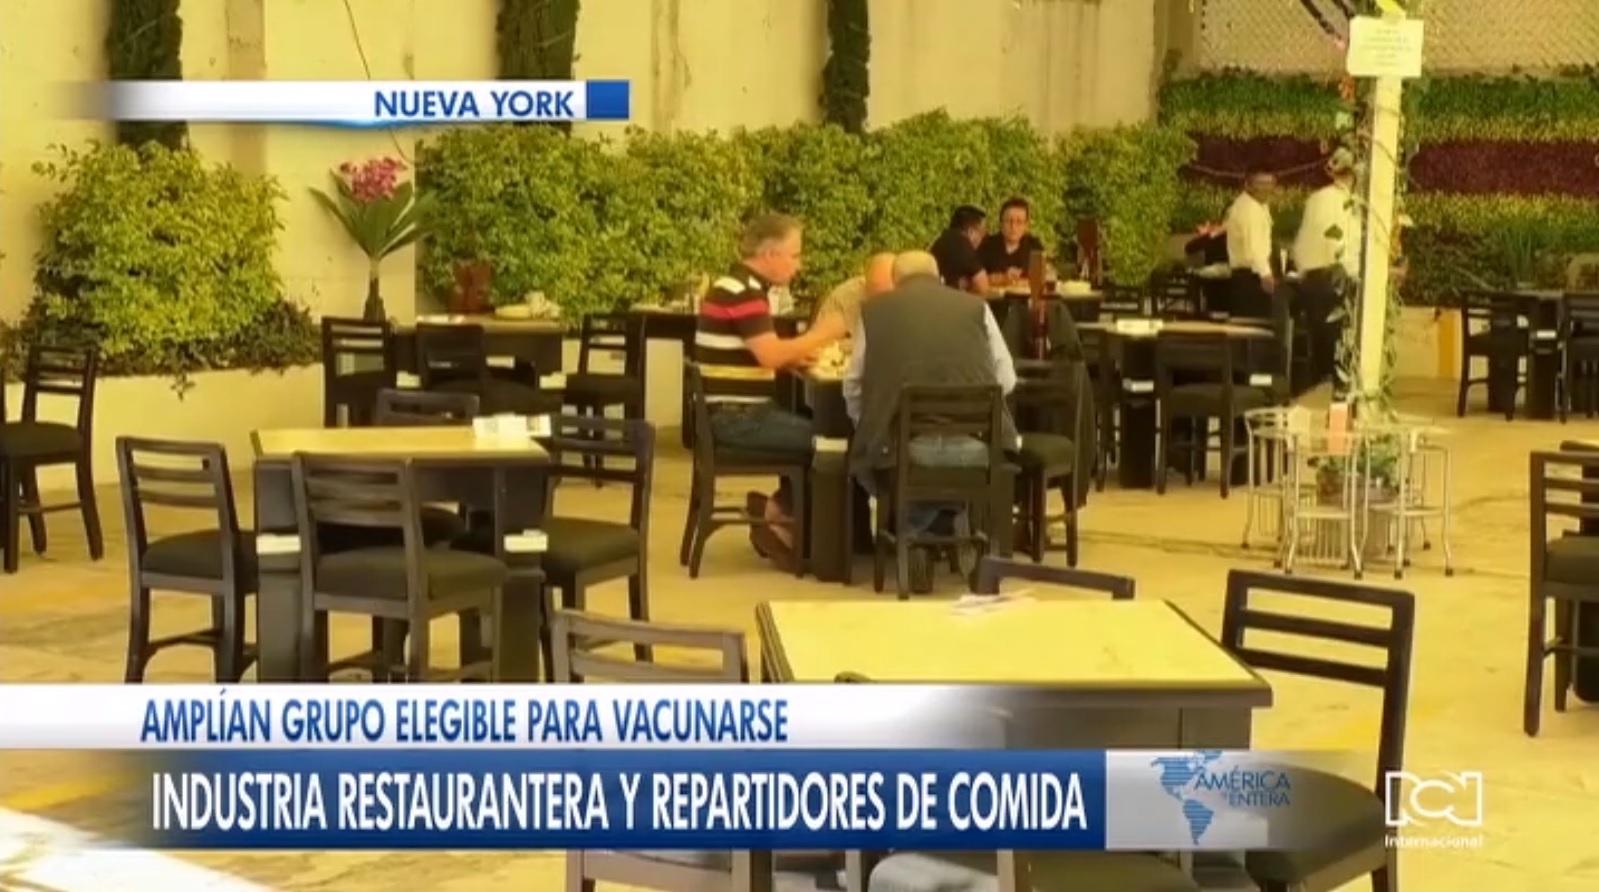 Restauranteros y repartidores de comida reciben autorización para acceder a la vacuna contra el Covid-19 en Nueva York